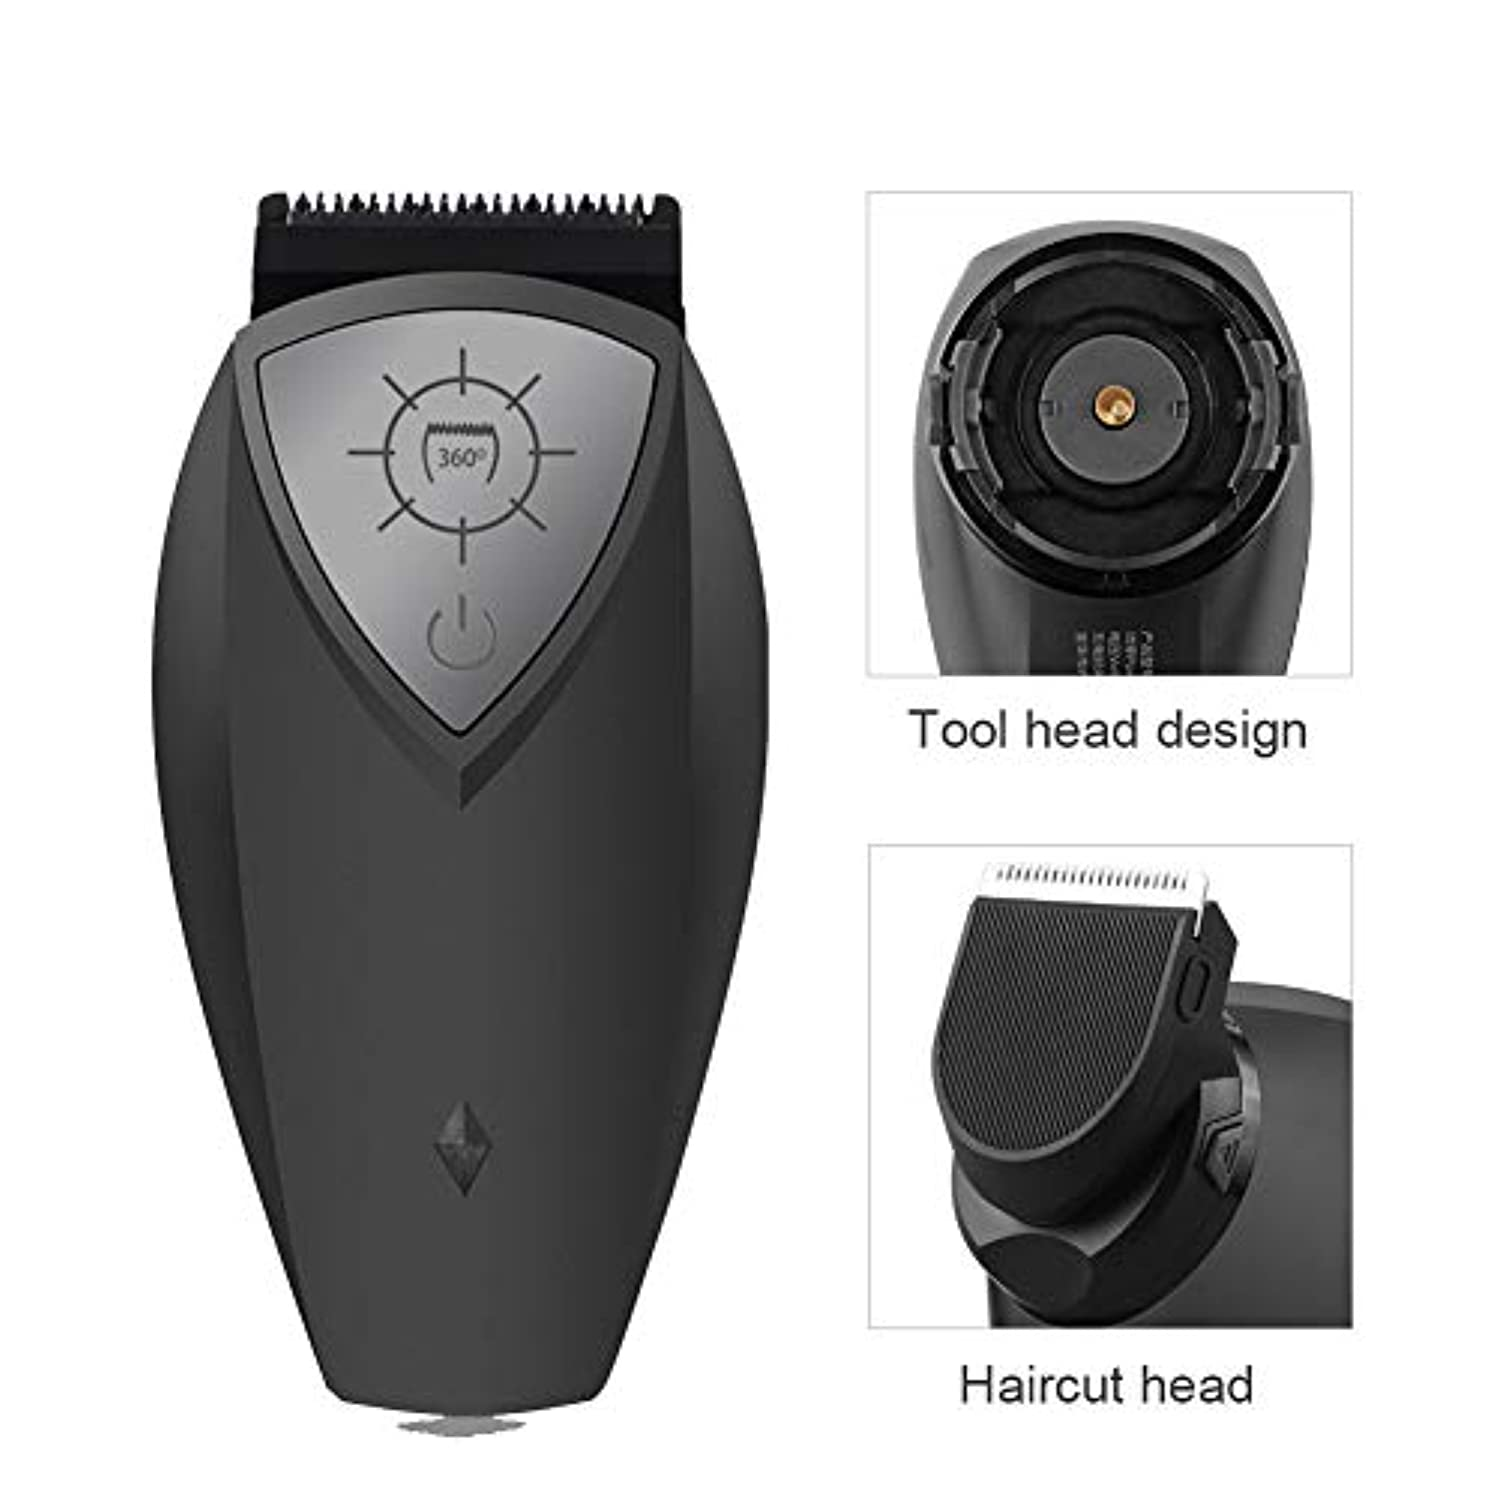 出します窓加速度CoolTack  360度の回転式有料男性の電気シェーバーボディひげの毛のトリマーのかみそり